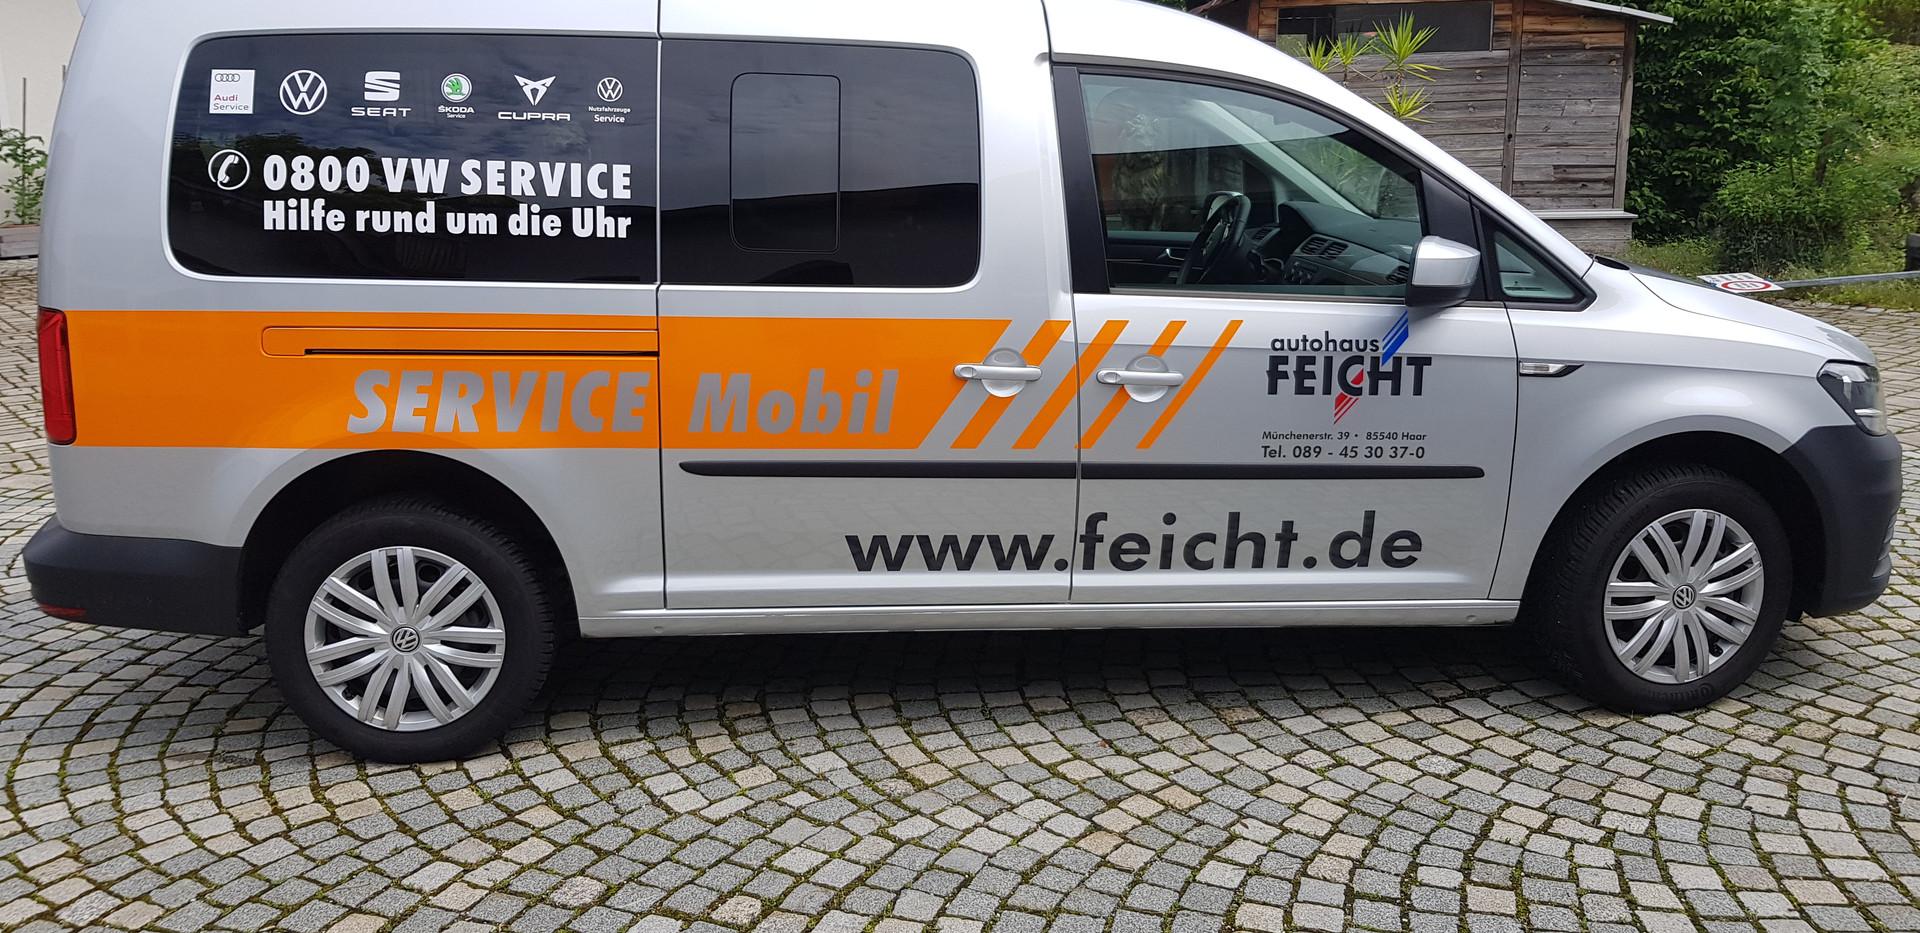 Service Mobil Autohaus Feicht